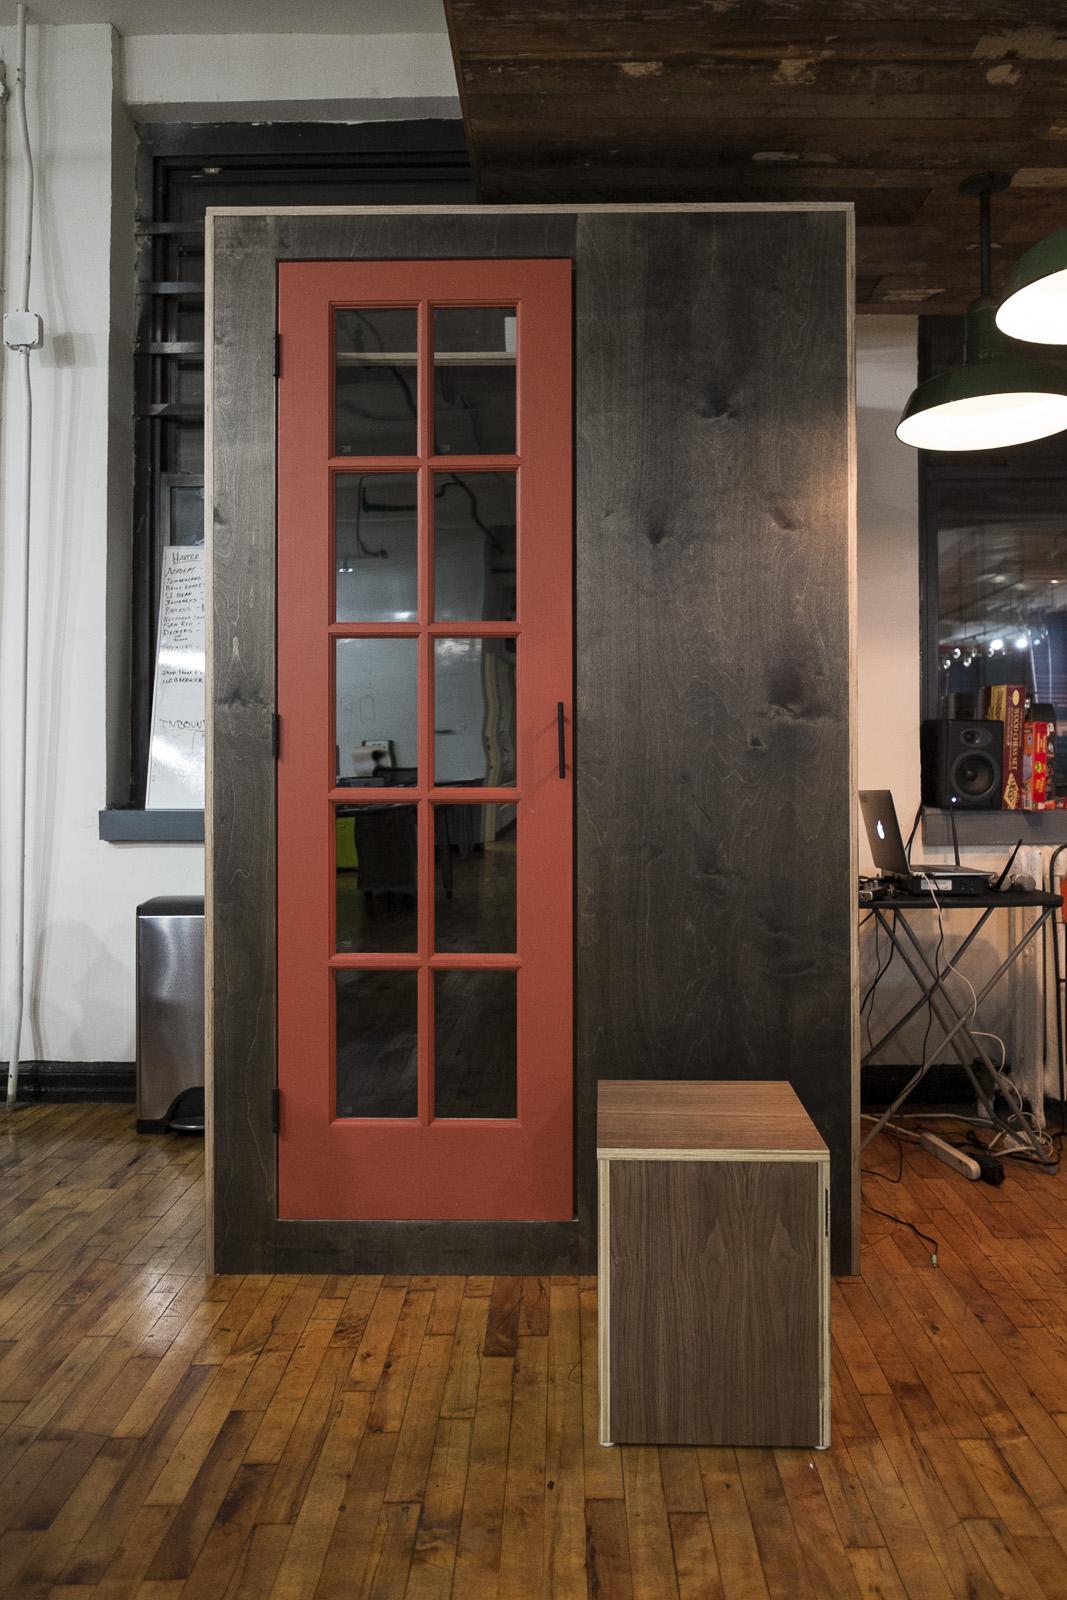 Olapic Phone Booths